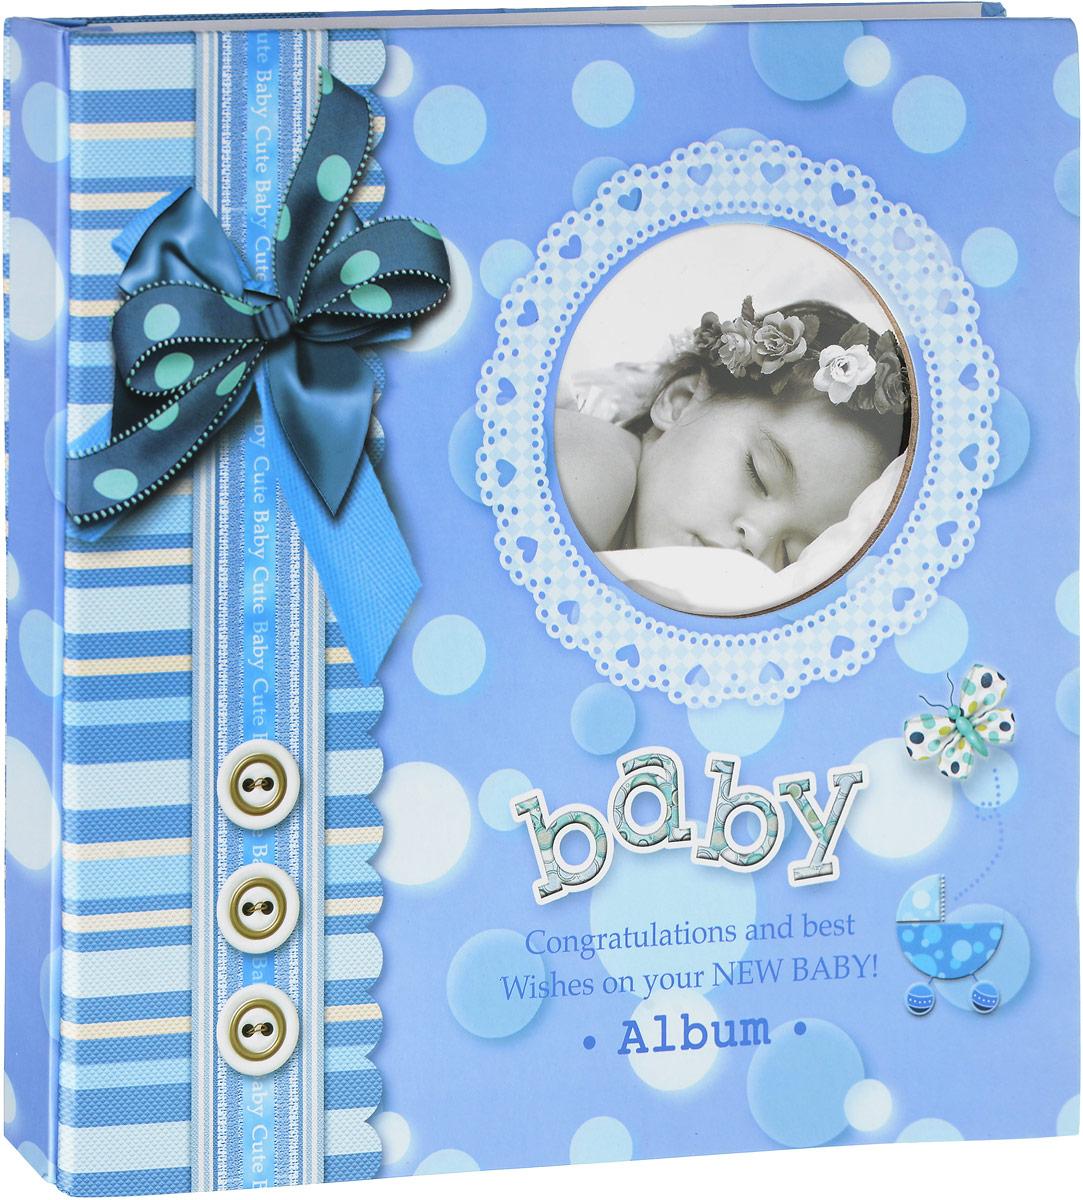 """Фотоальбом Platinum """"Мой первый год жизни"""" поможет сохранить в памяти первый год жизни вашего малыша Обложка выполнена из твердого ламинированного картона и декорирована оригинальным принтом. На обложке также имеется окошко для фотографии вашего малыша. Внутри содержится 30 магнитных листов и 8 листов-анкет для заполнения.   На листах для заполнения предложены темы: А вот и Я! Про меня. Моя семья.  Мой день. Моя первая улыбка. Мои достижения. Я люблю купаться. То, что я могу. Мои любимые игрушки. Я на прогулке.  Это я делаю самостоятельно.  Мне читают.  Это важно.  Так я расту.  Магнитные страницы с клеевым слоем удобны тем, что позволяют размещать фотографии любых размеров в любом положении. В комплект также входят веселые наклейки.  Нам всегда так приятно вспоминать о самых счастливых моментах жизни, запечатленных на фотографиях.  Размер листа: 28 х 32,5 см. Количество листов для фотографий: 30.  Количество страниц для фотографий: 60.  Количество наклеек: 112 шт."""